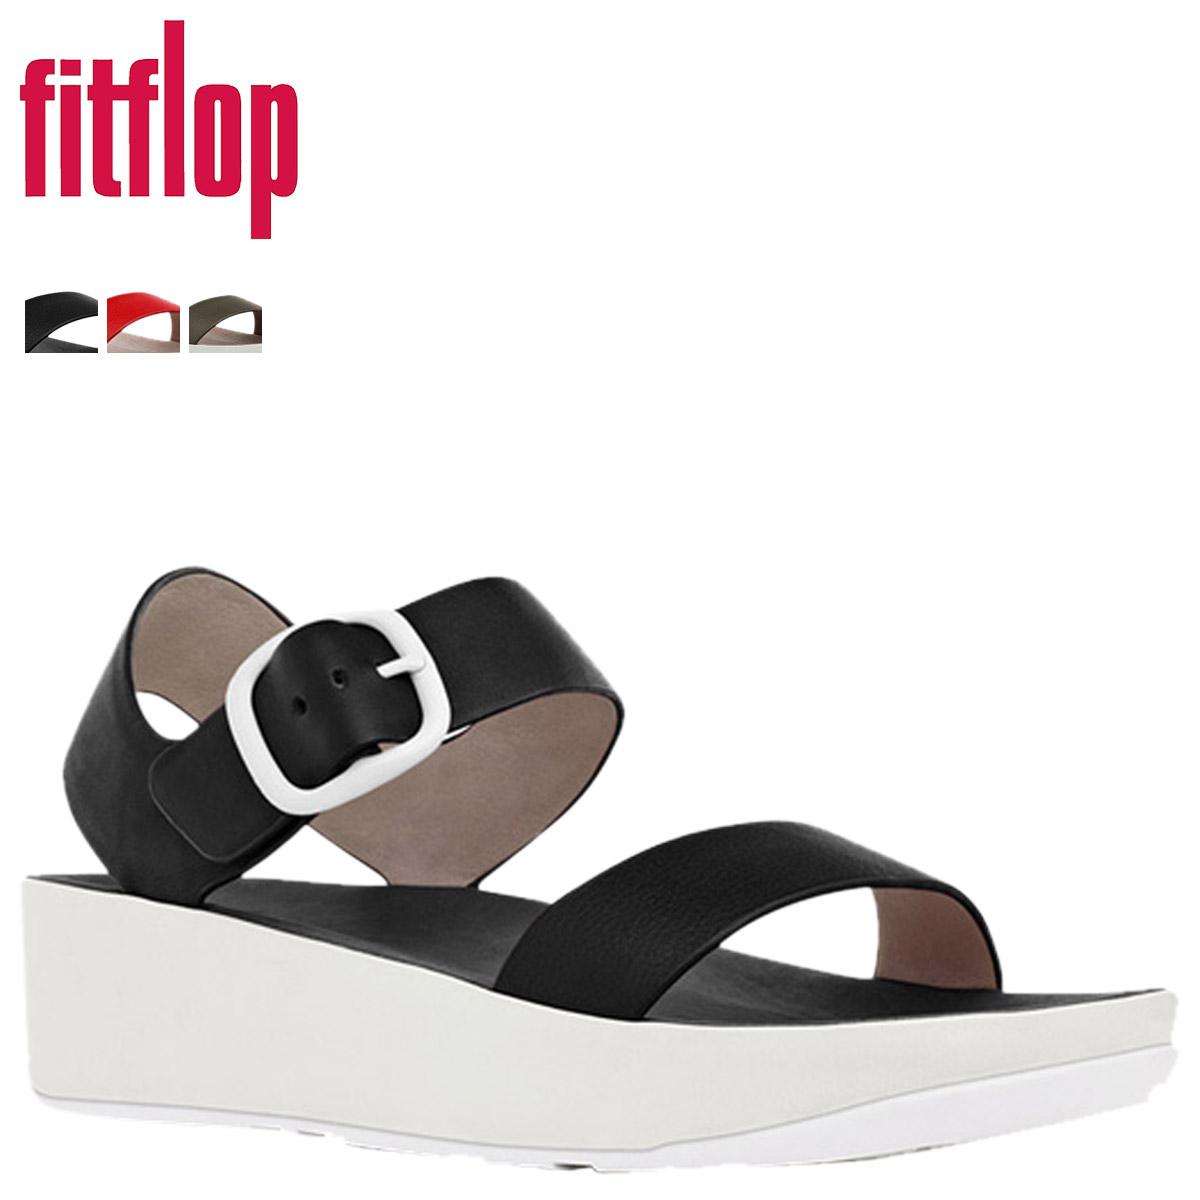 1f744b494fc Whats up Sports  FitFlop fit flop Bonn Sandals BON leather SANDAL ...